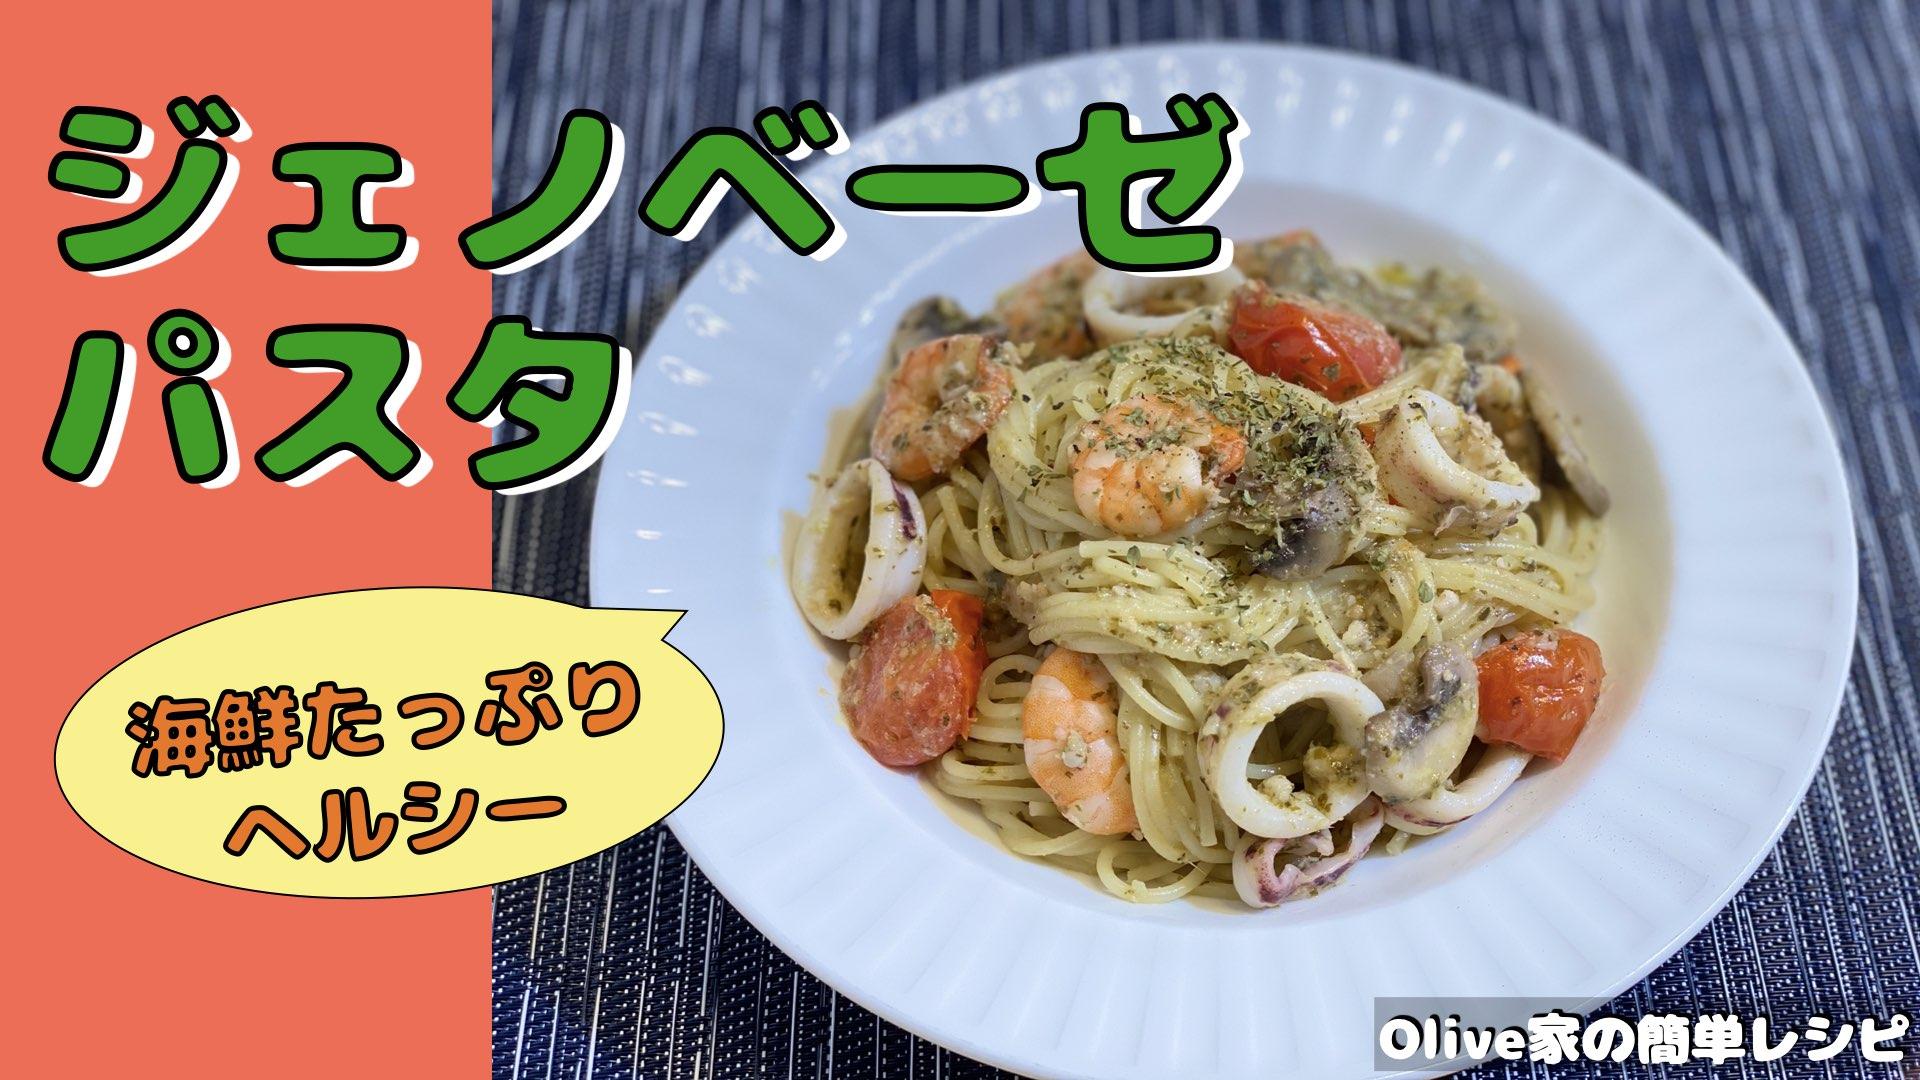 ジェノベーゼパスタの作り方 | Olive家の簡単レシピ | 海鮮たっぷり🦐🦑 ヘルシー✨ | シーフード🦑 ミニトマト🍅